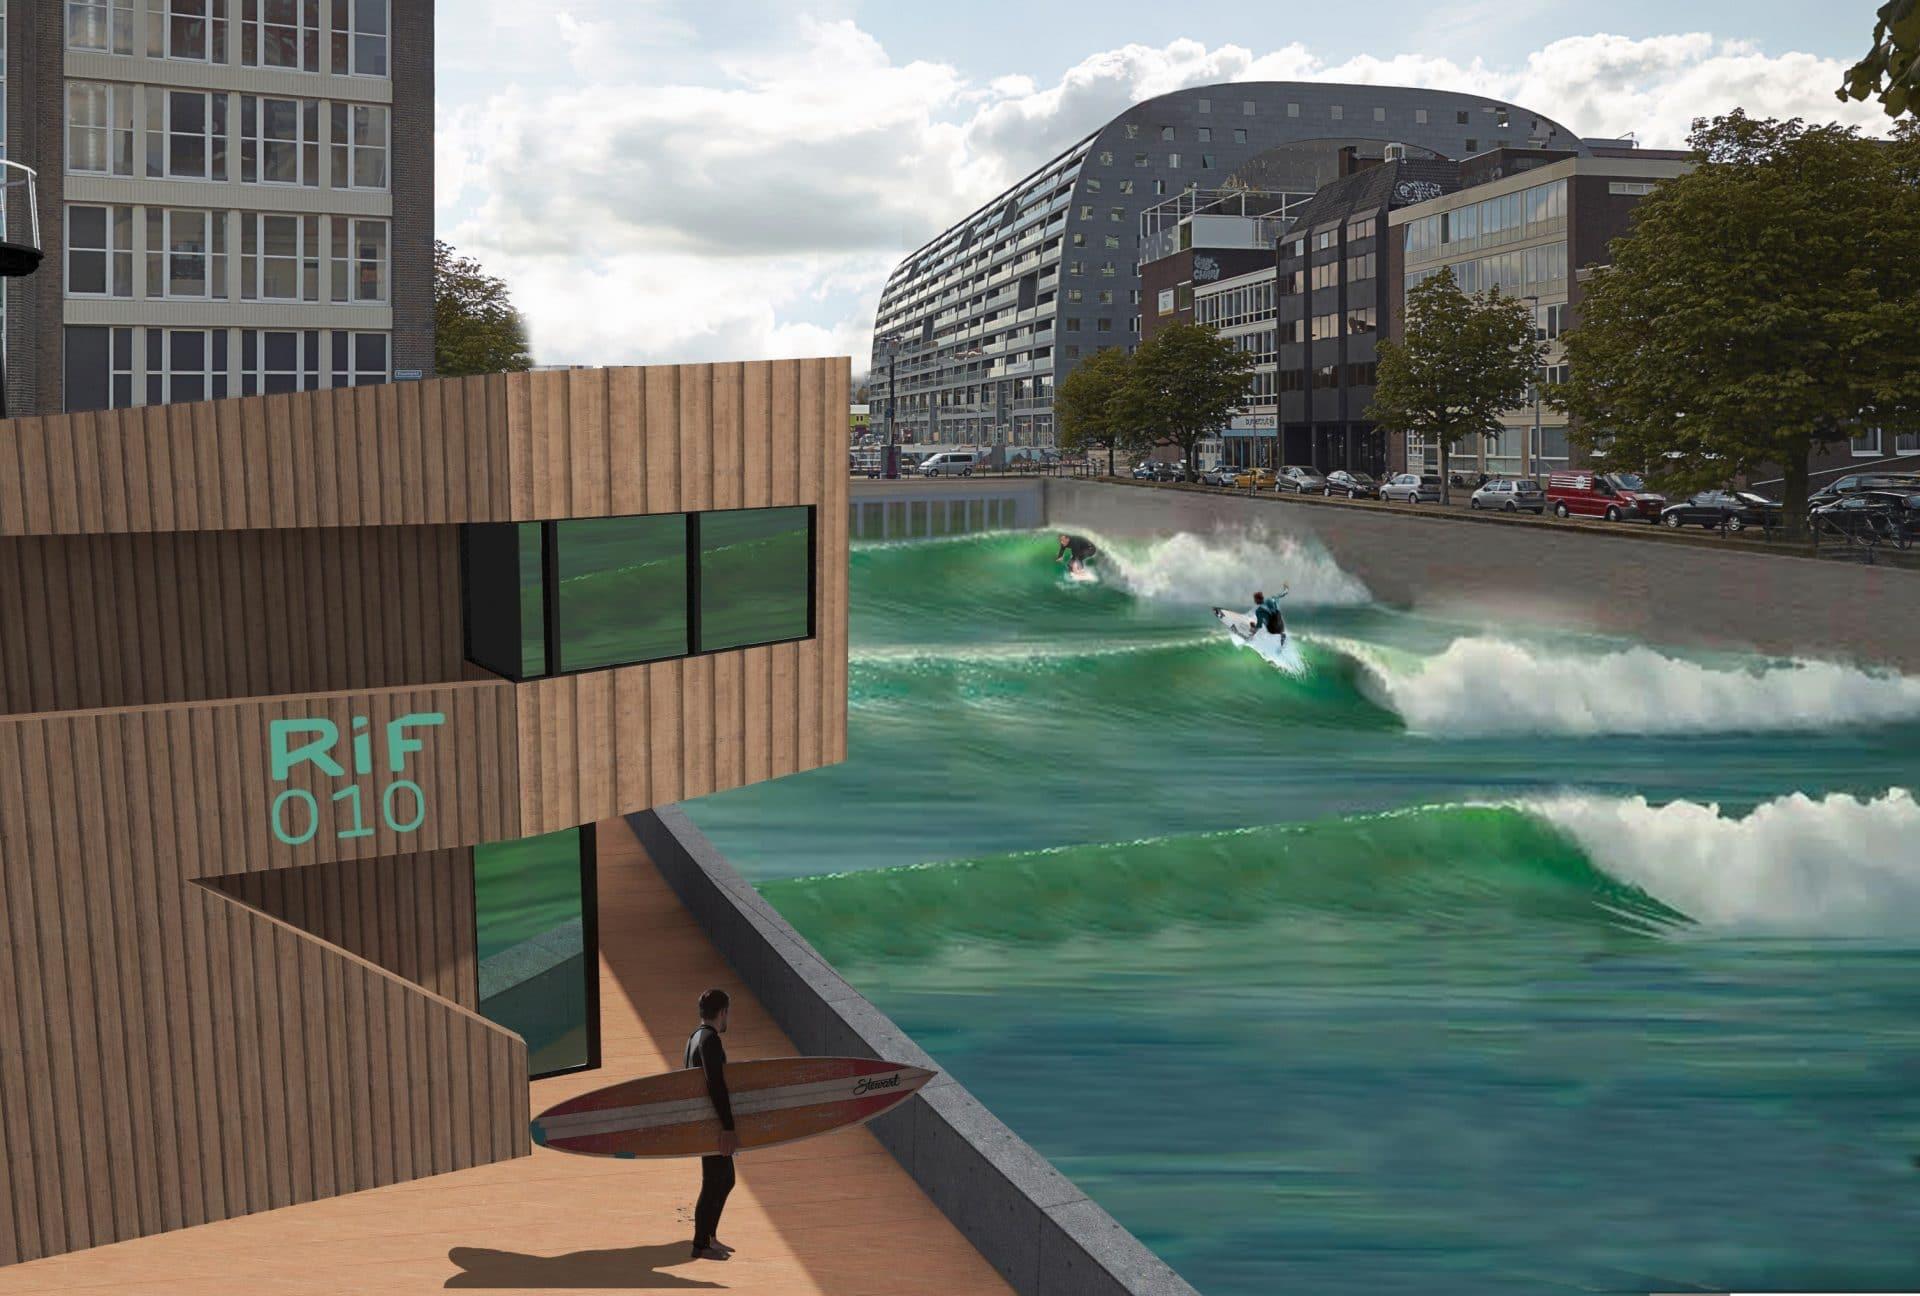 Nieuws Groen licht voor surfattractie RiF010 in Rotterdam